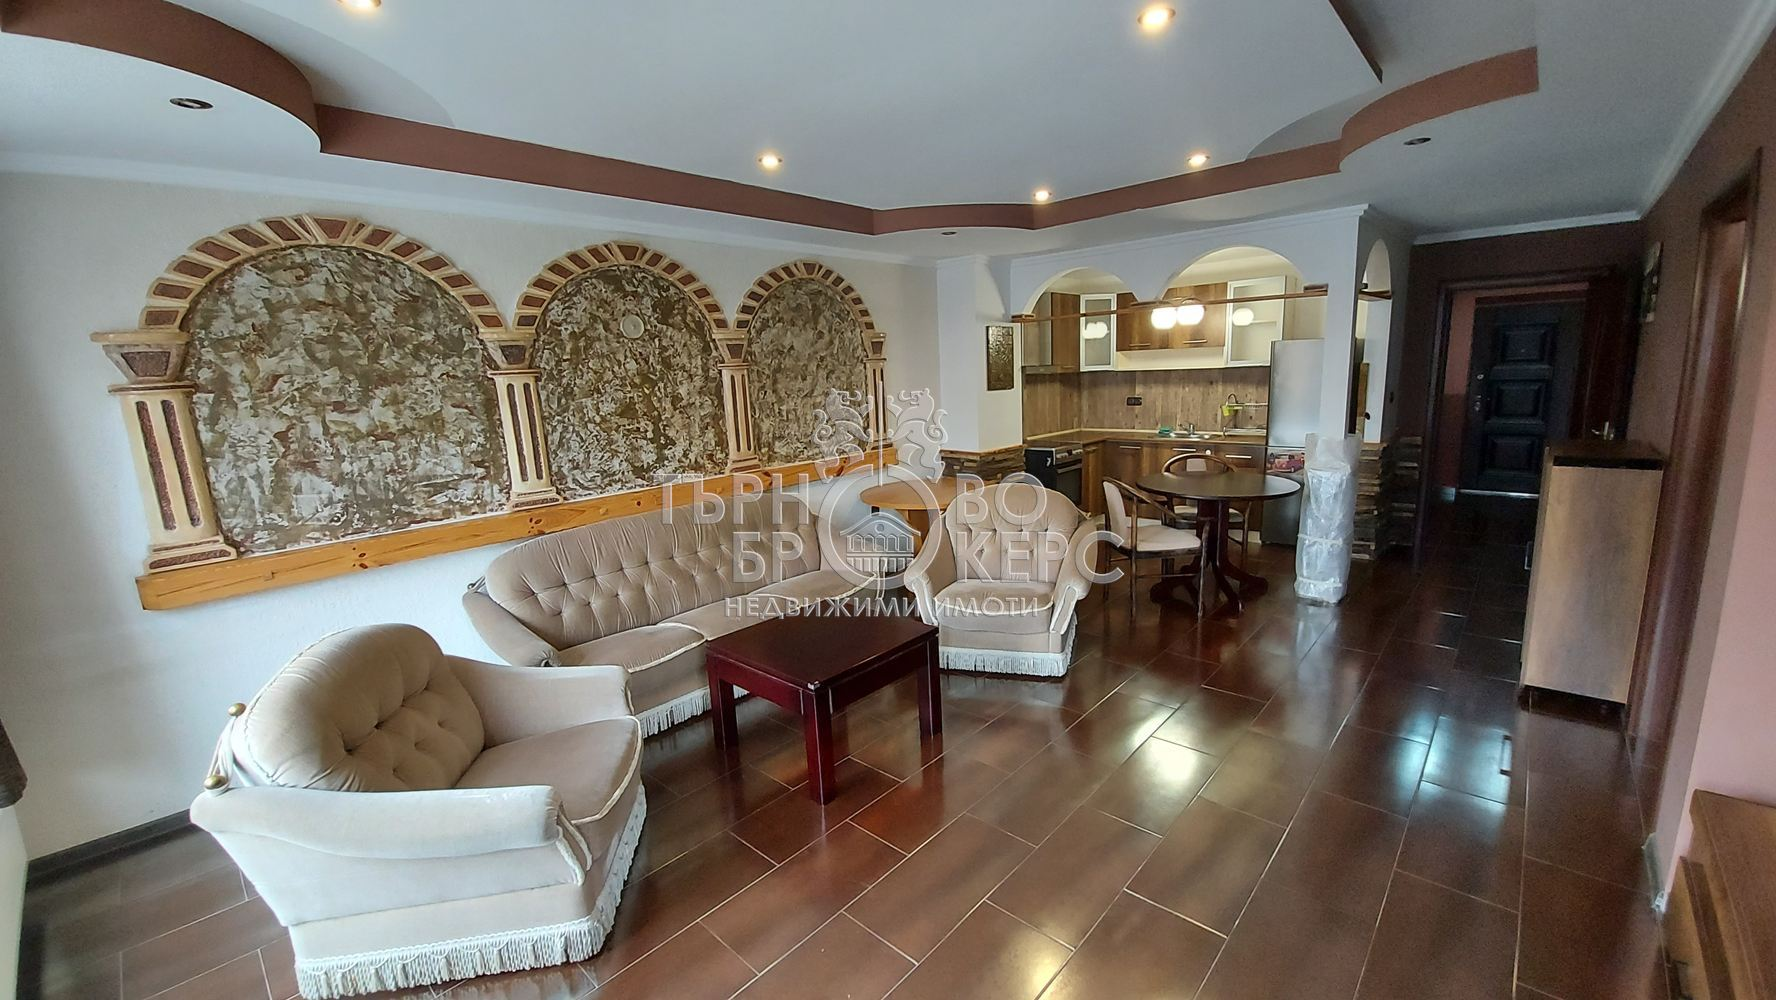 Тристаен апартамент  във  Велико Търново за 550  лв - тристаен